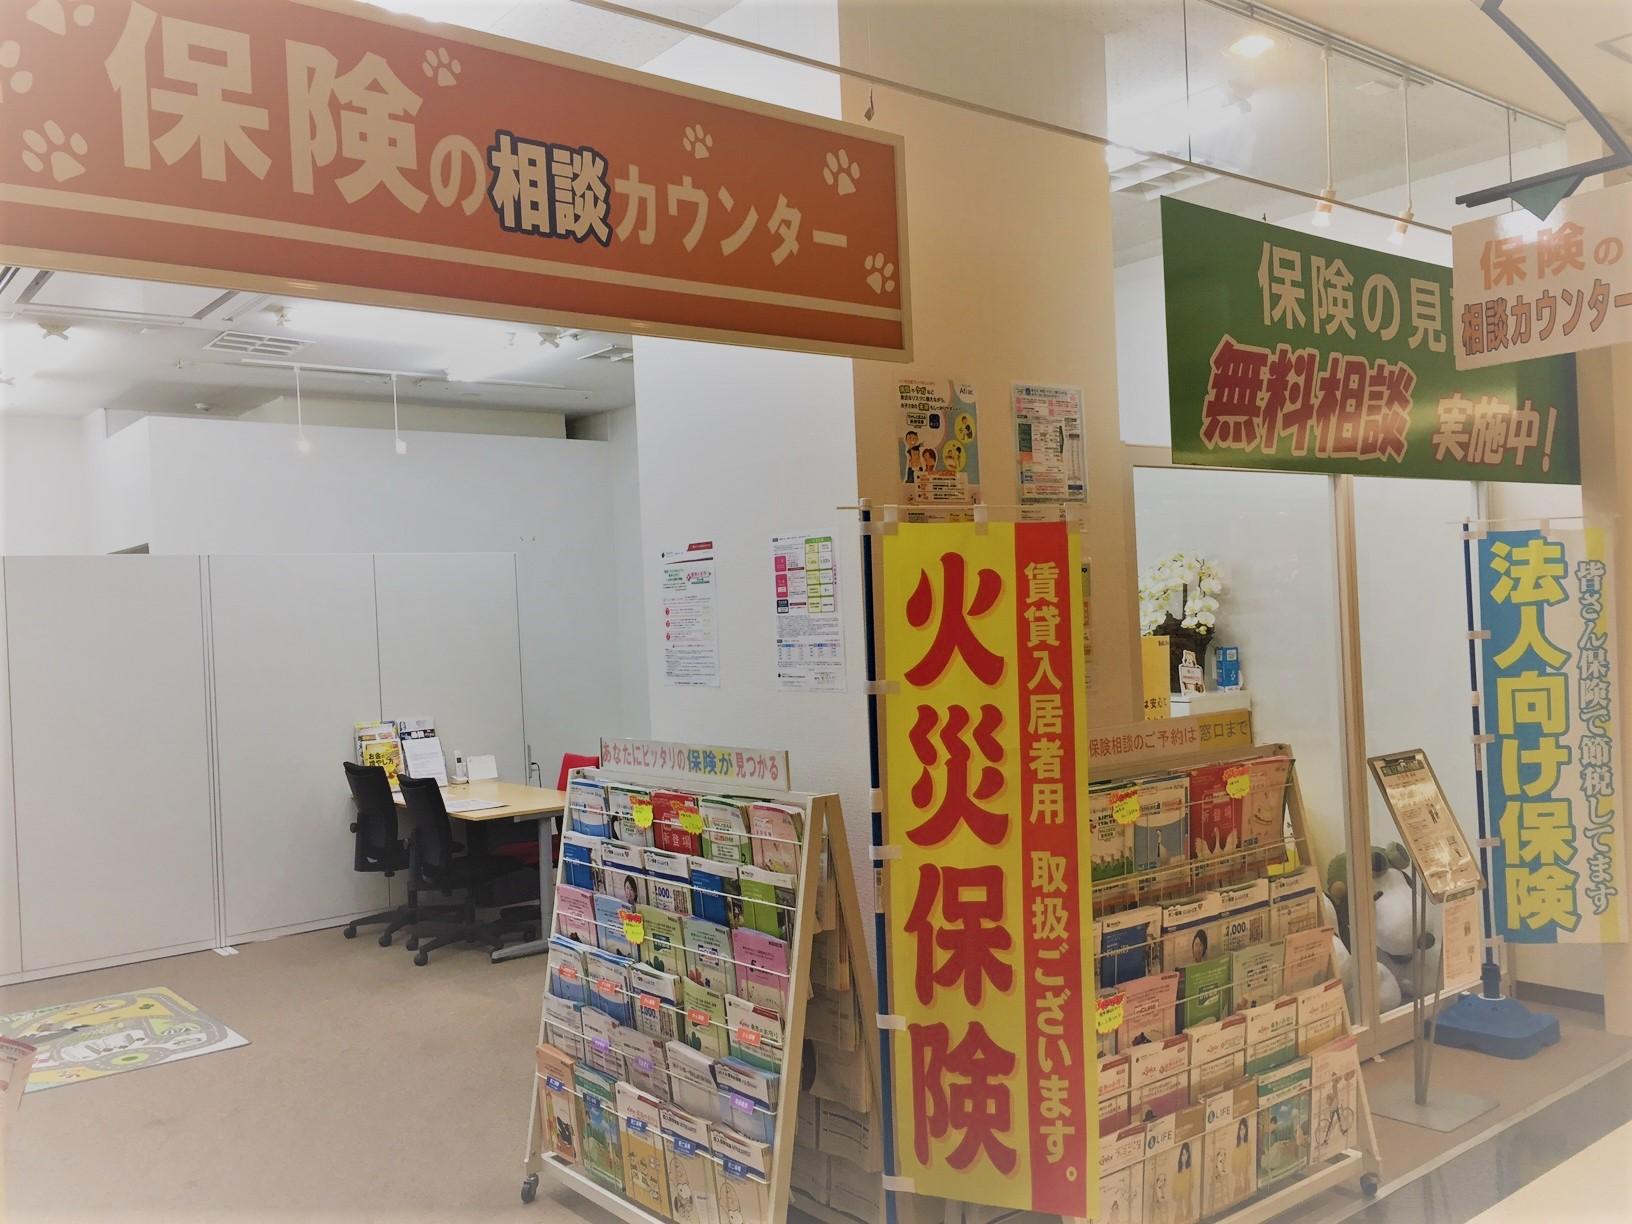 西友ザ・モール店